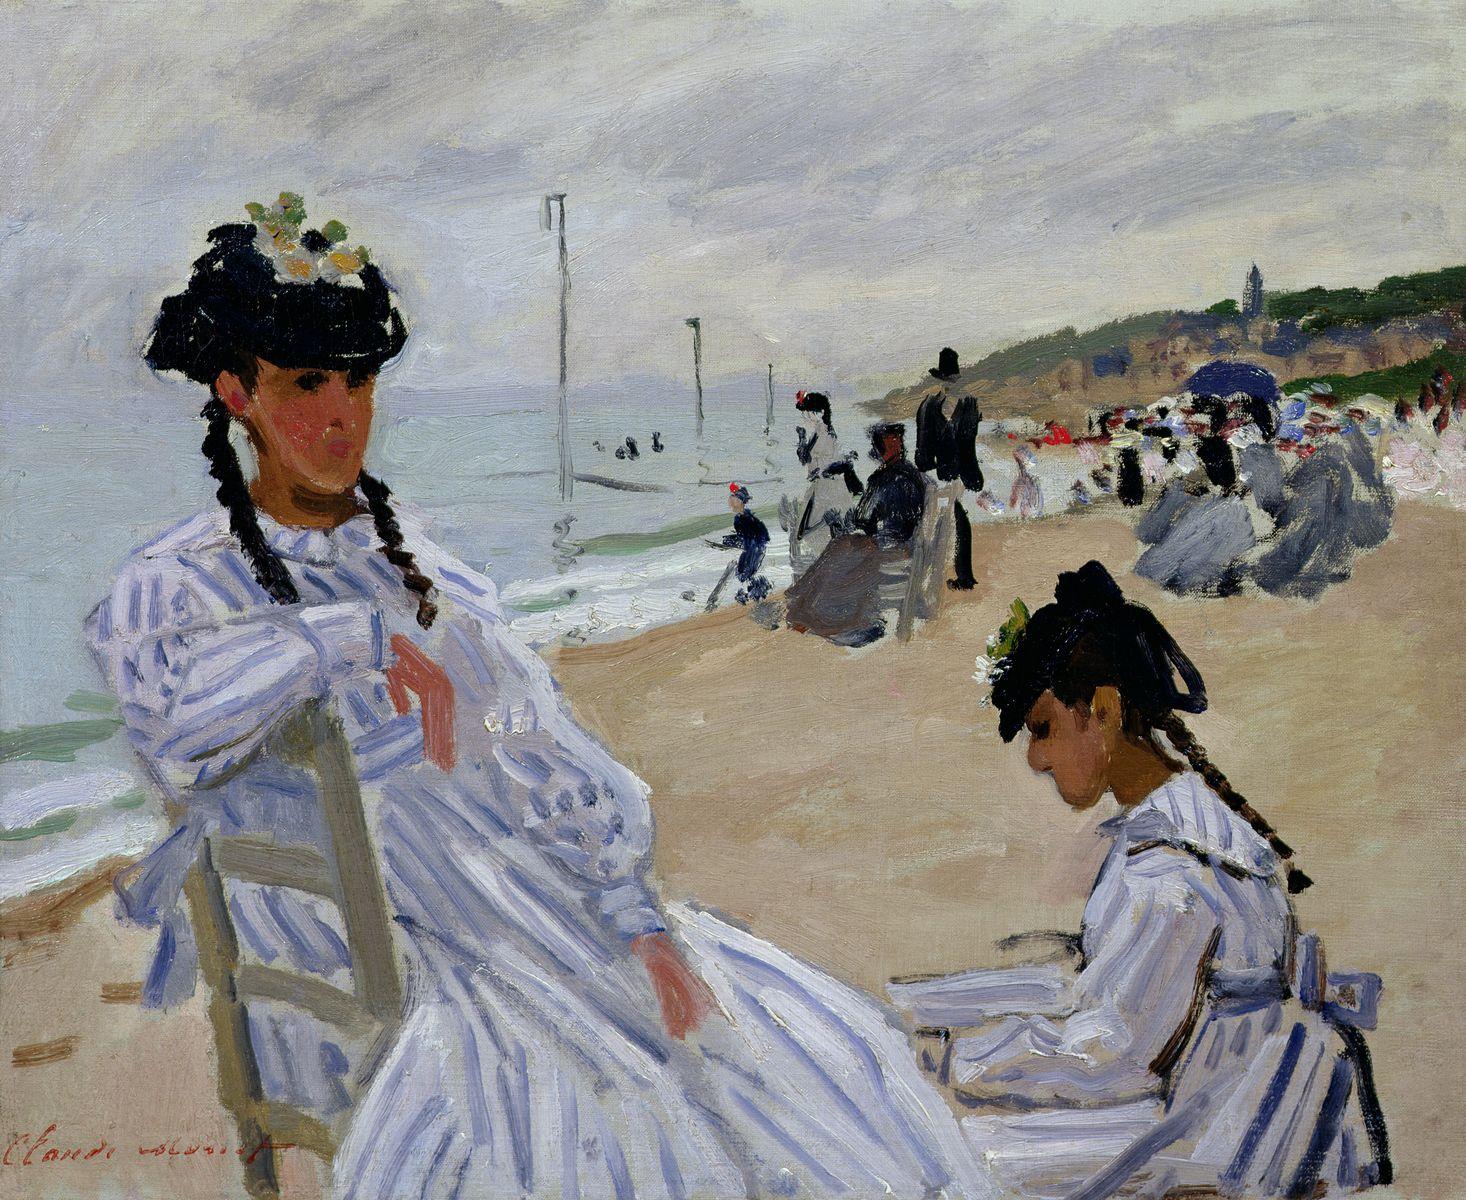 Normandie : L'expo du musée des impressionnismes de Giverny accessible en ligne - Routard.com